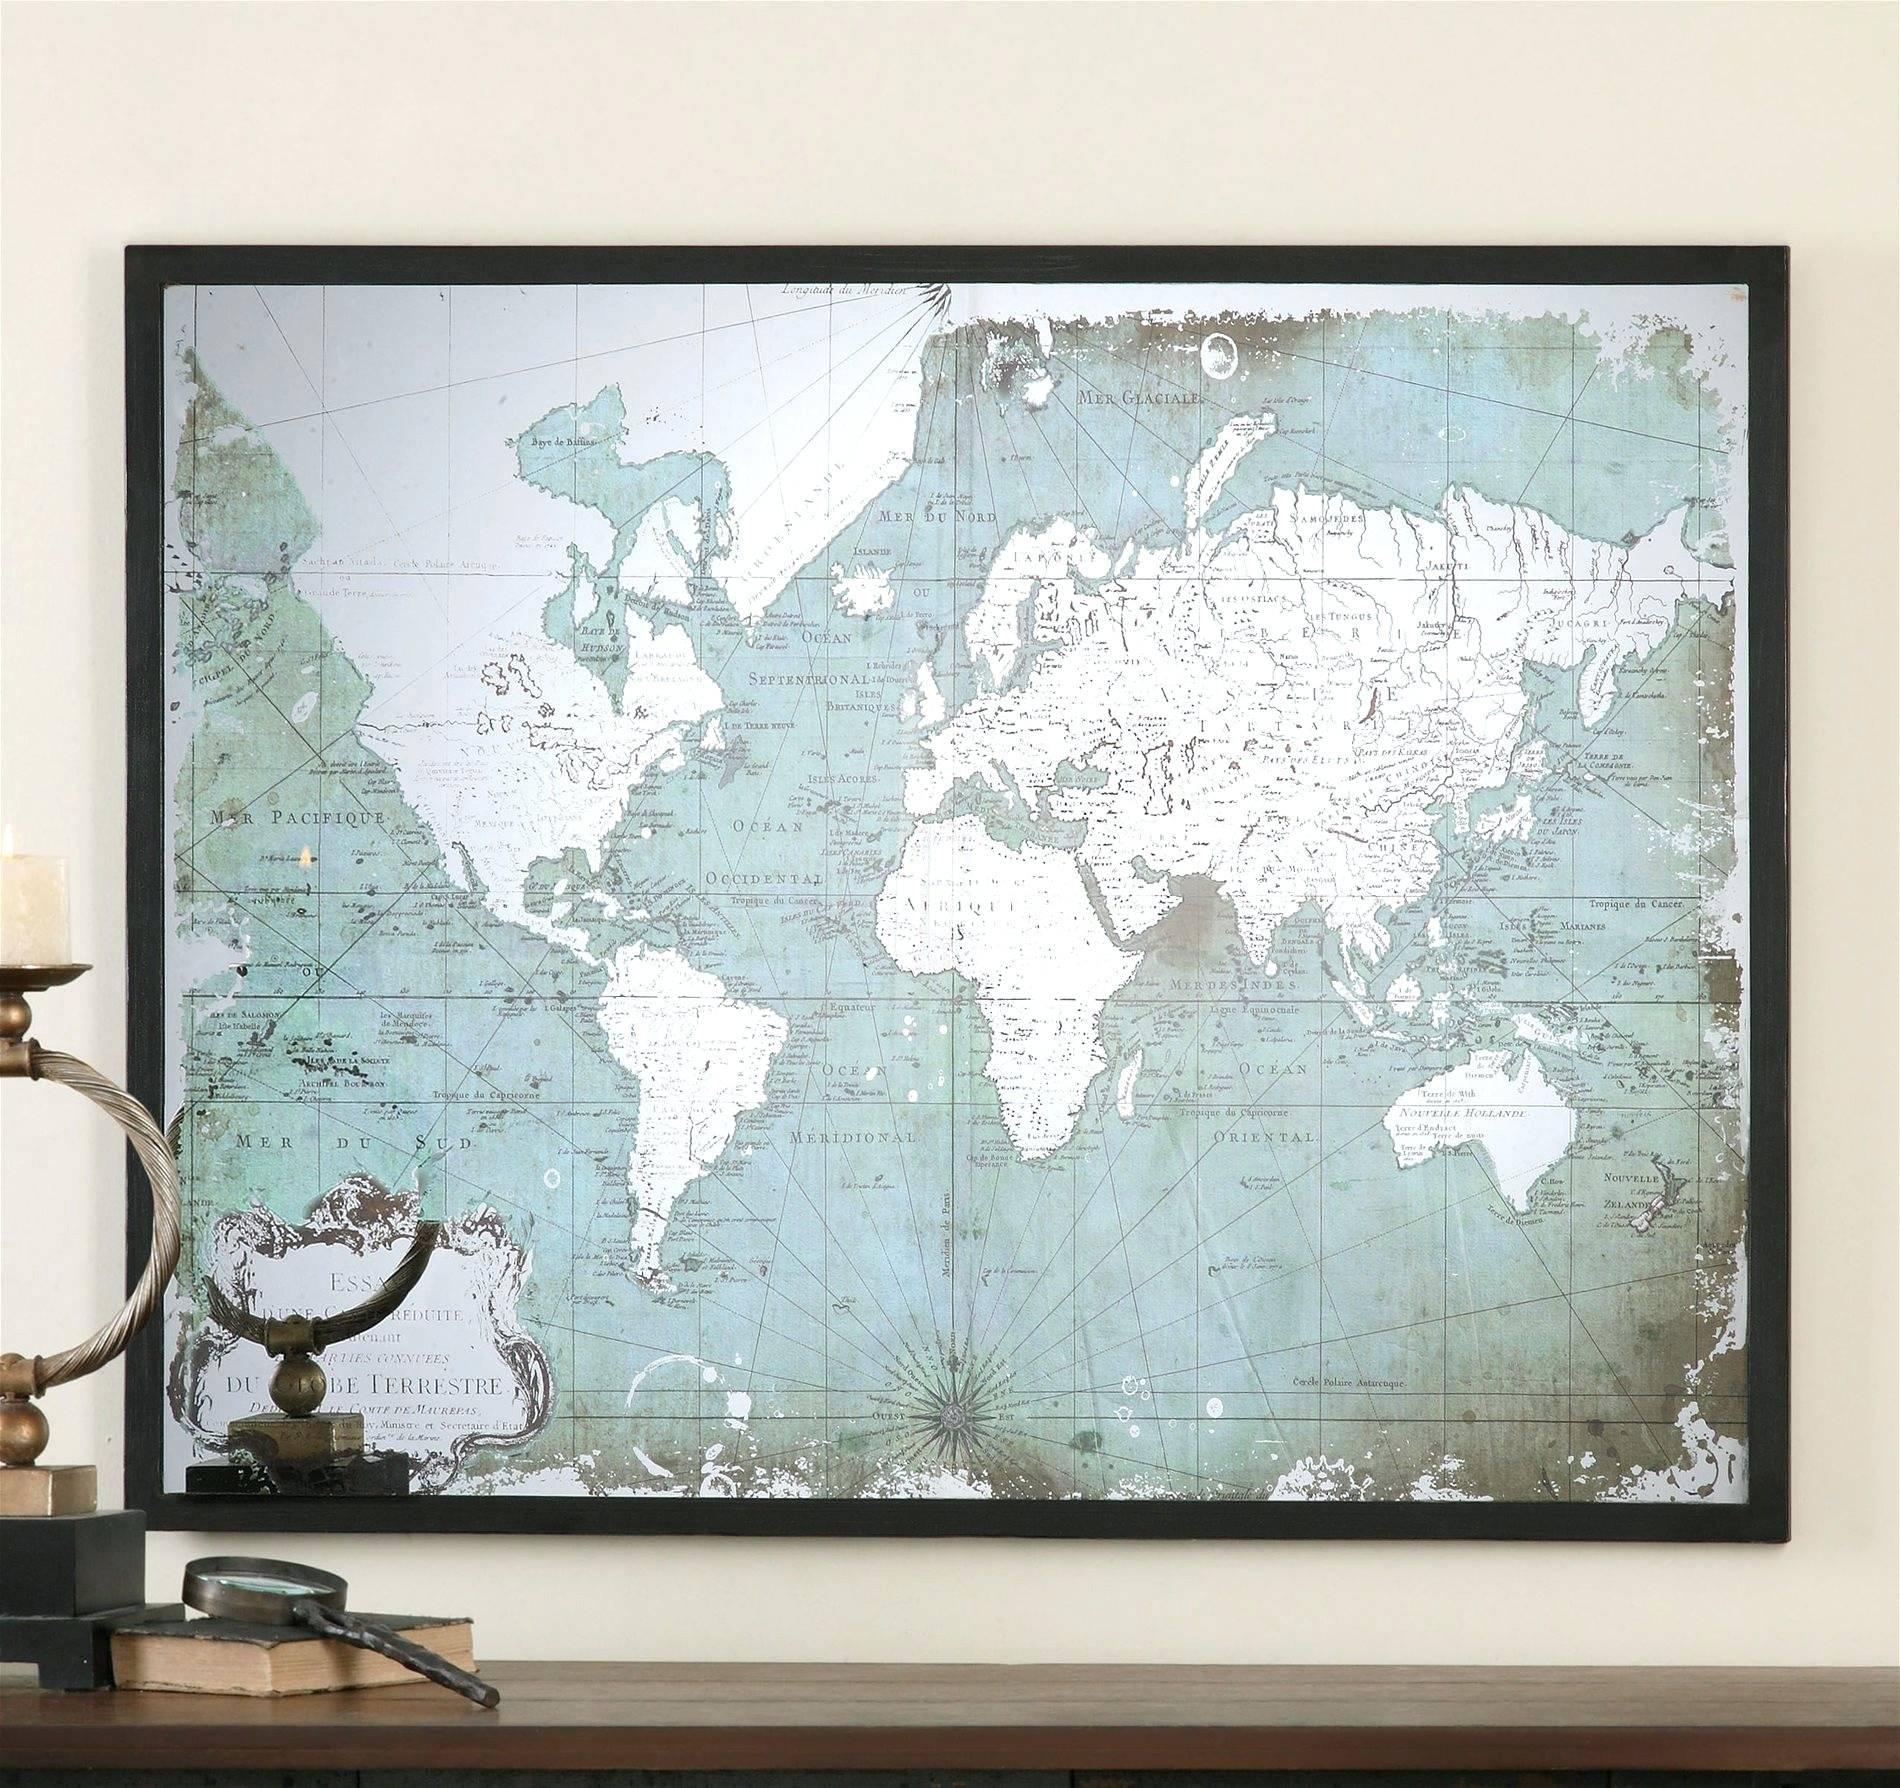 Wall Arts: World Map Wall Art Framed. World Map Wall Art Framed (View 16 of 20)